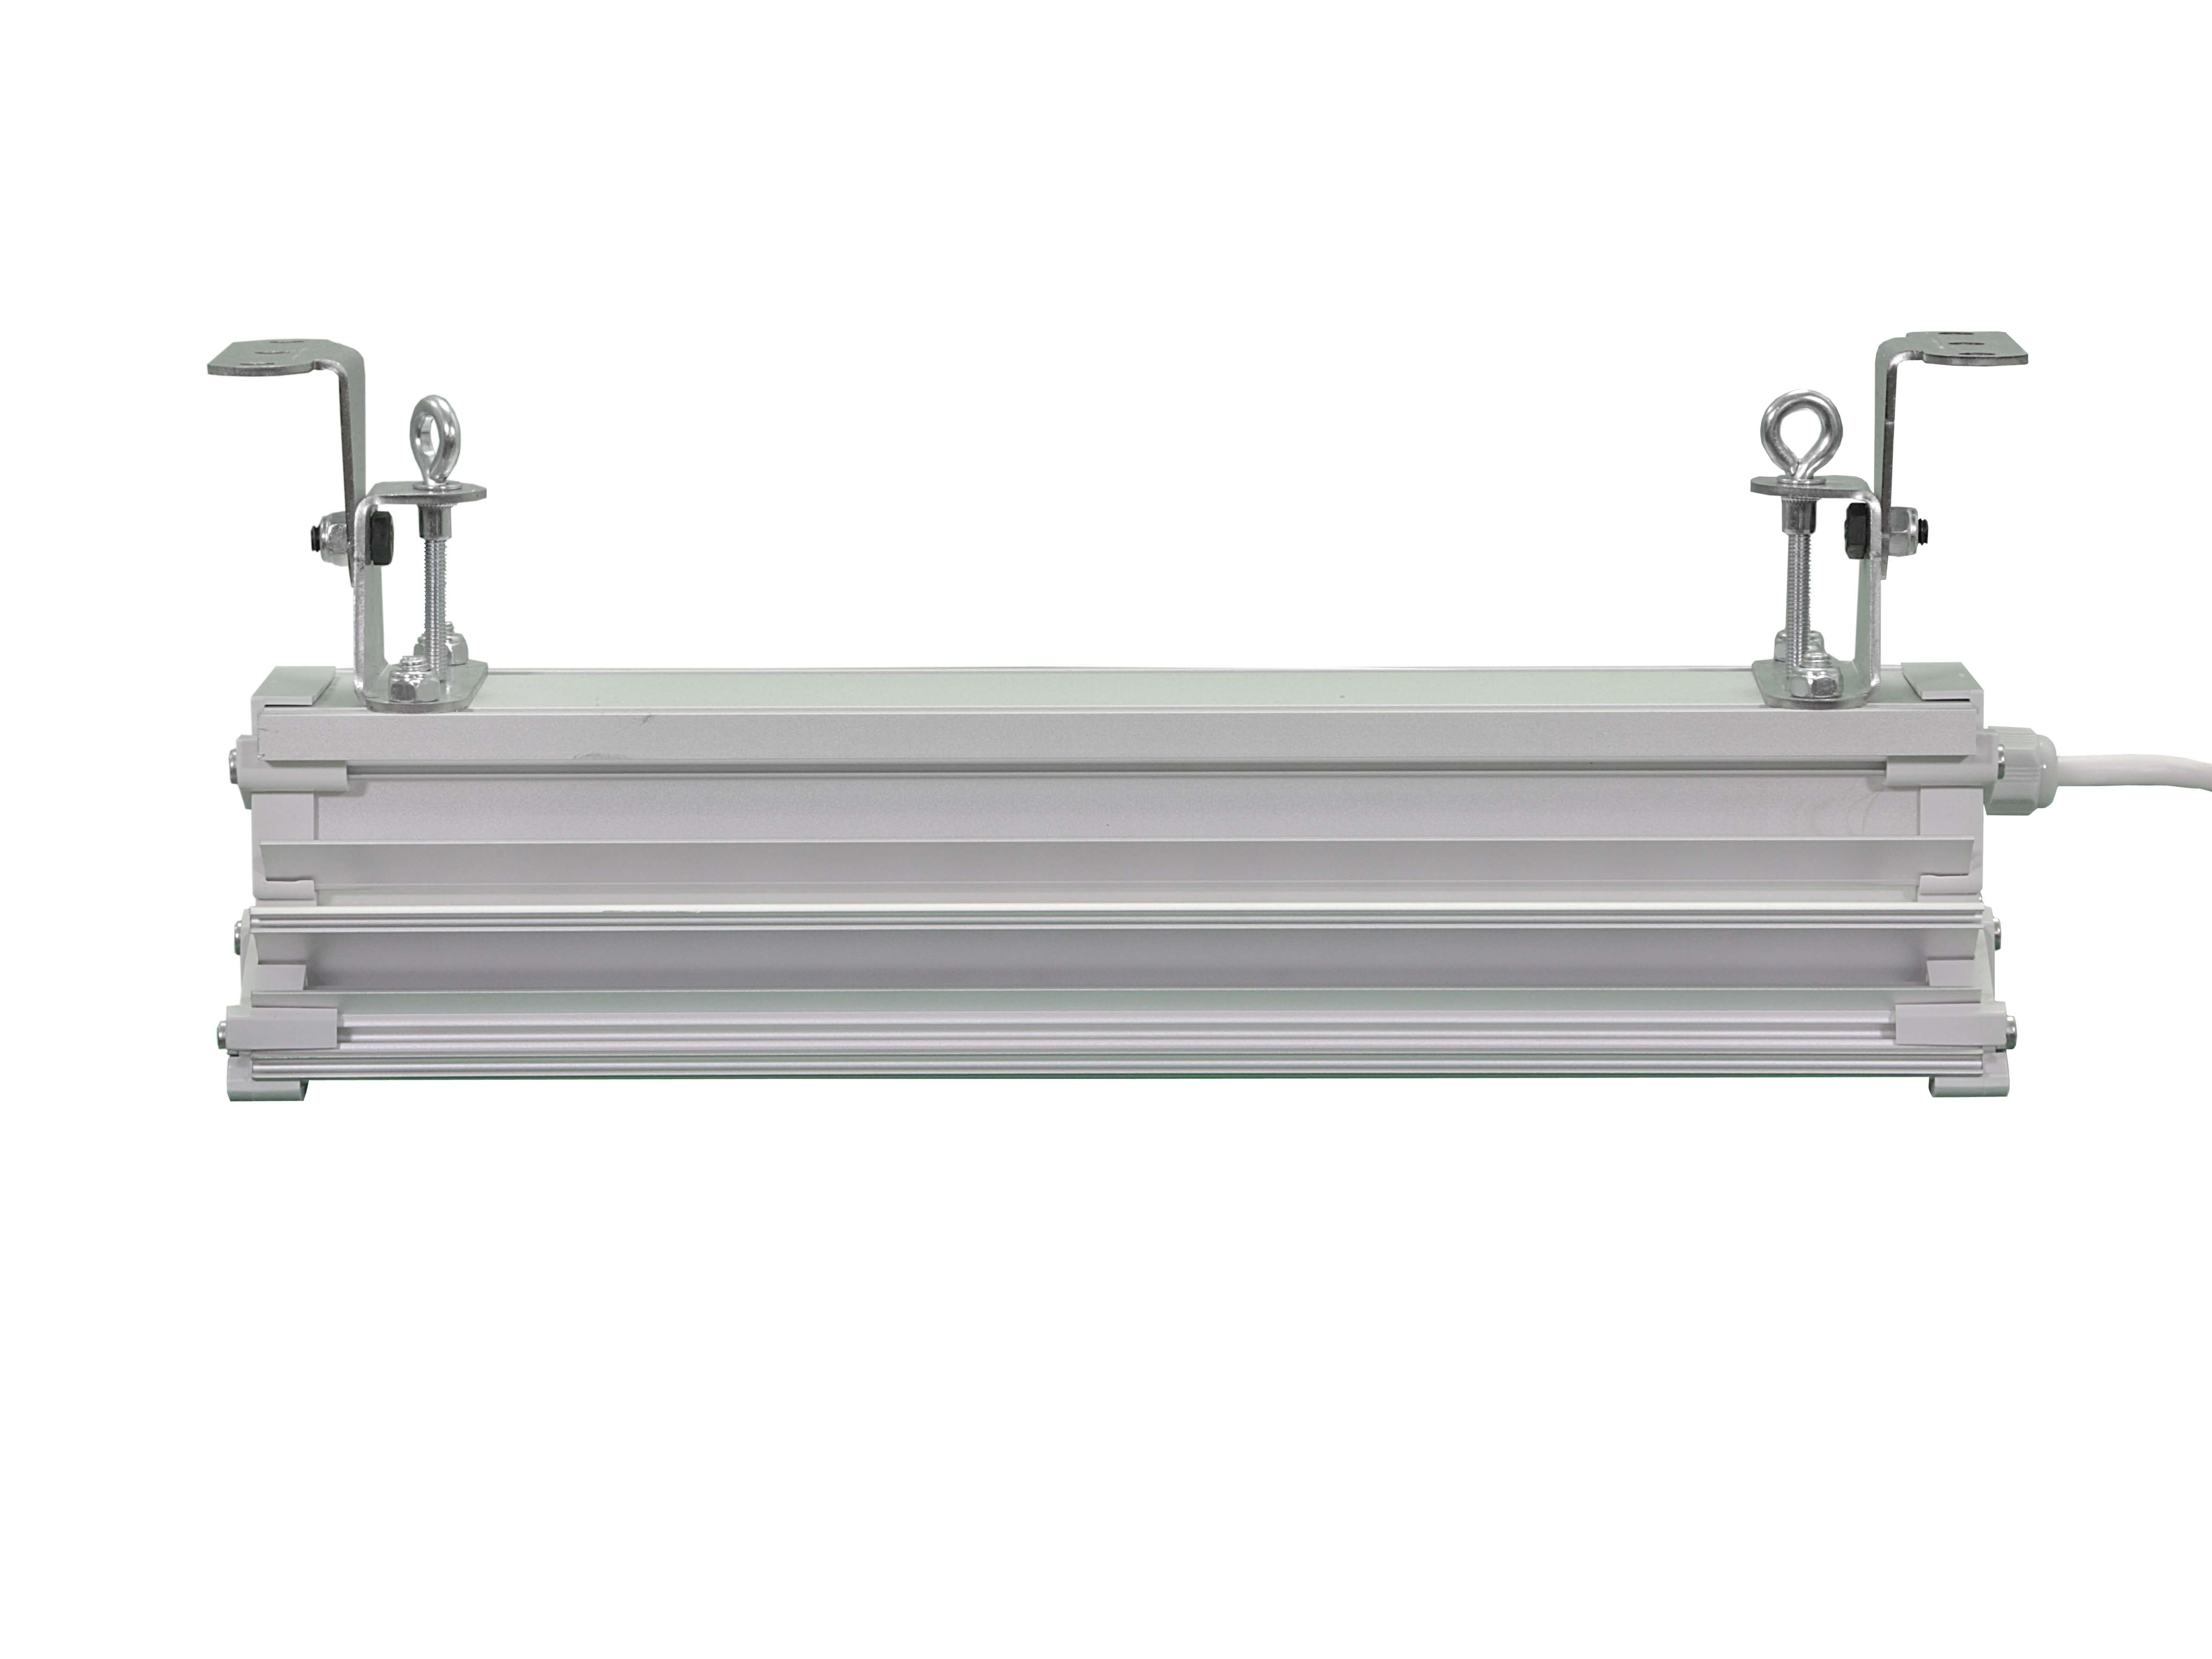 Промышленный светодиодный светильник ДБП-004-200 200Вт 23296Лм